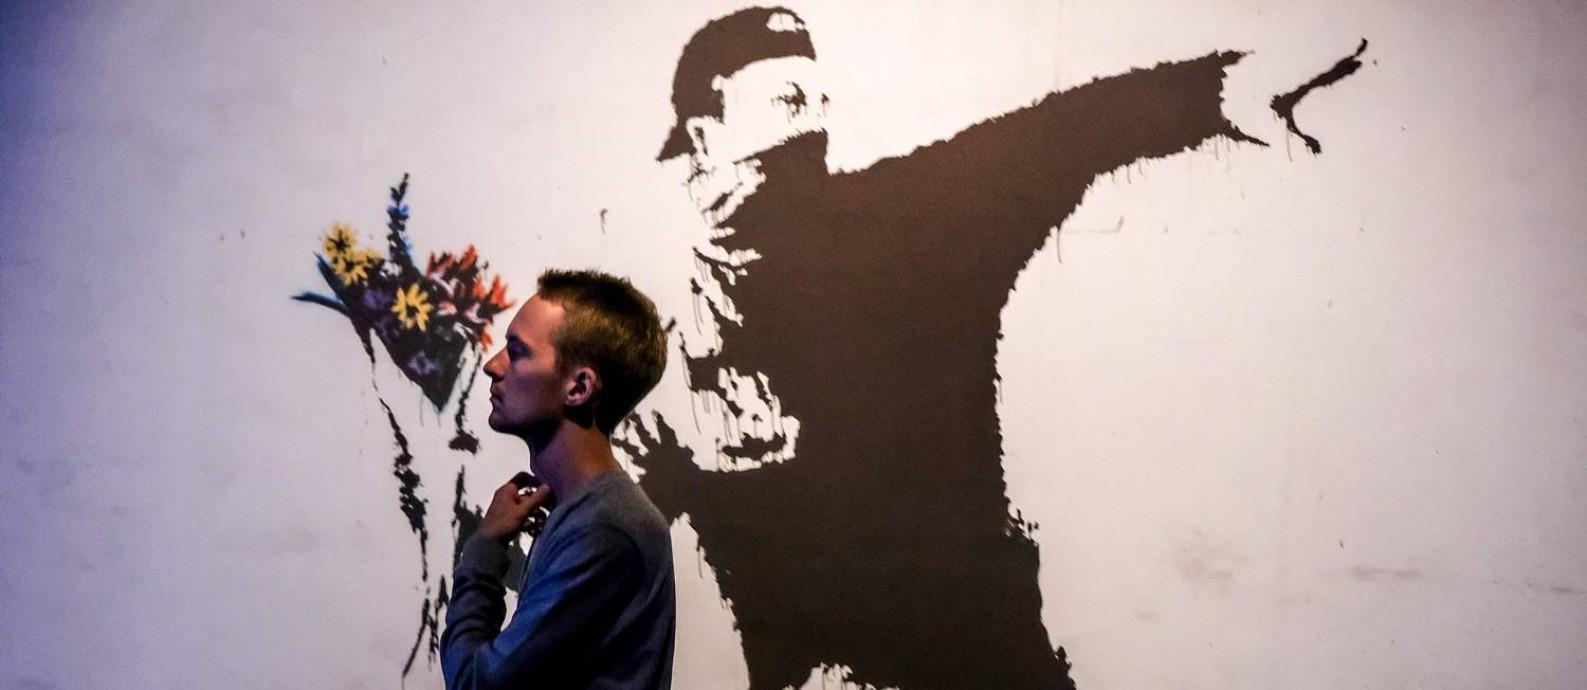 Visitante na exposição de obras de Banksy em Moscou Foto: YURI KADOBNOV / AFP